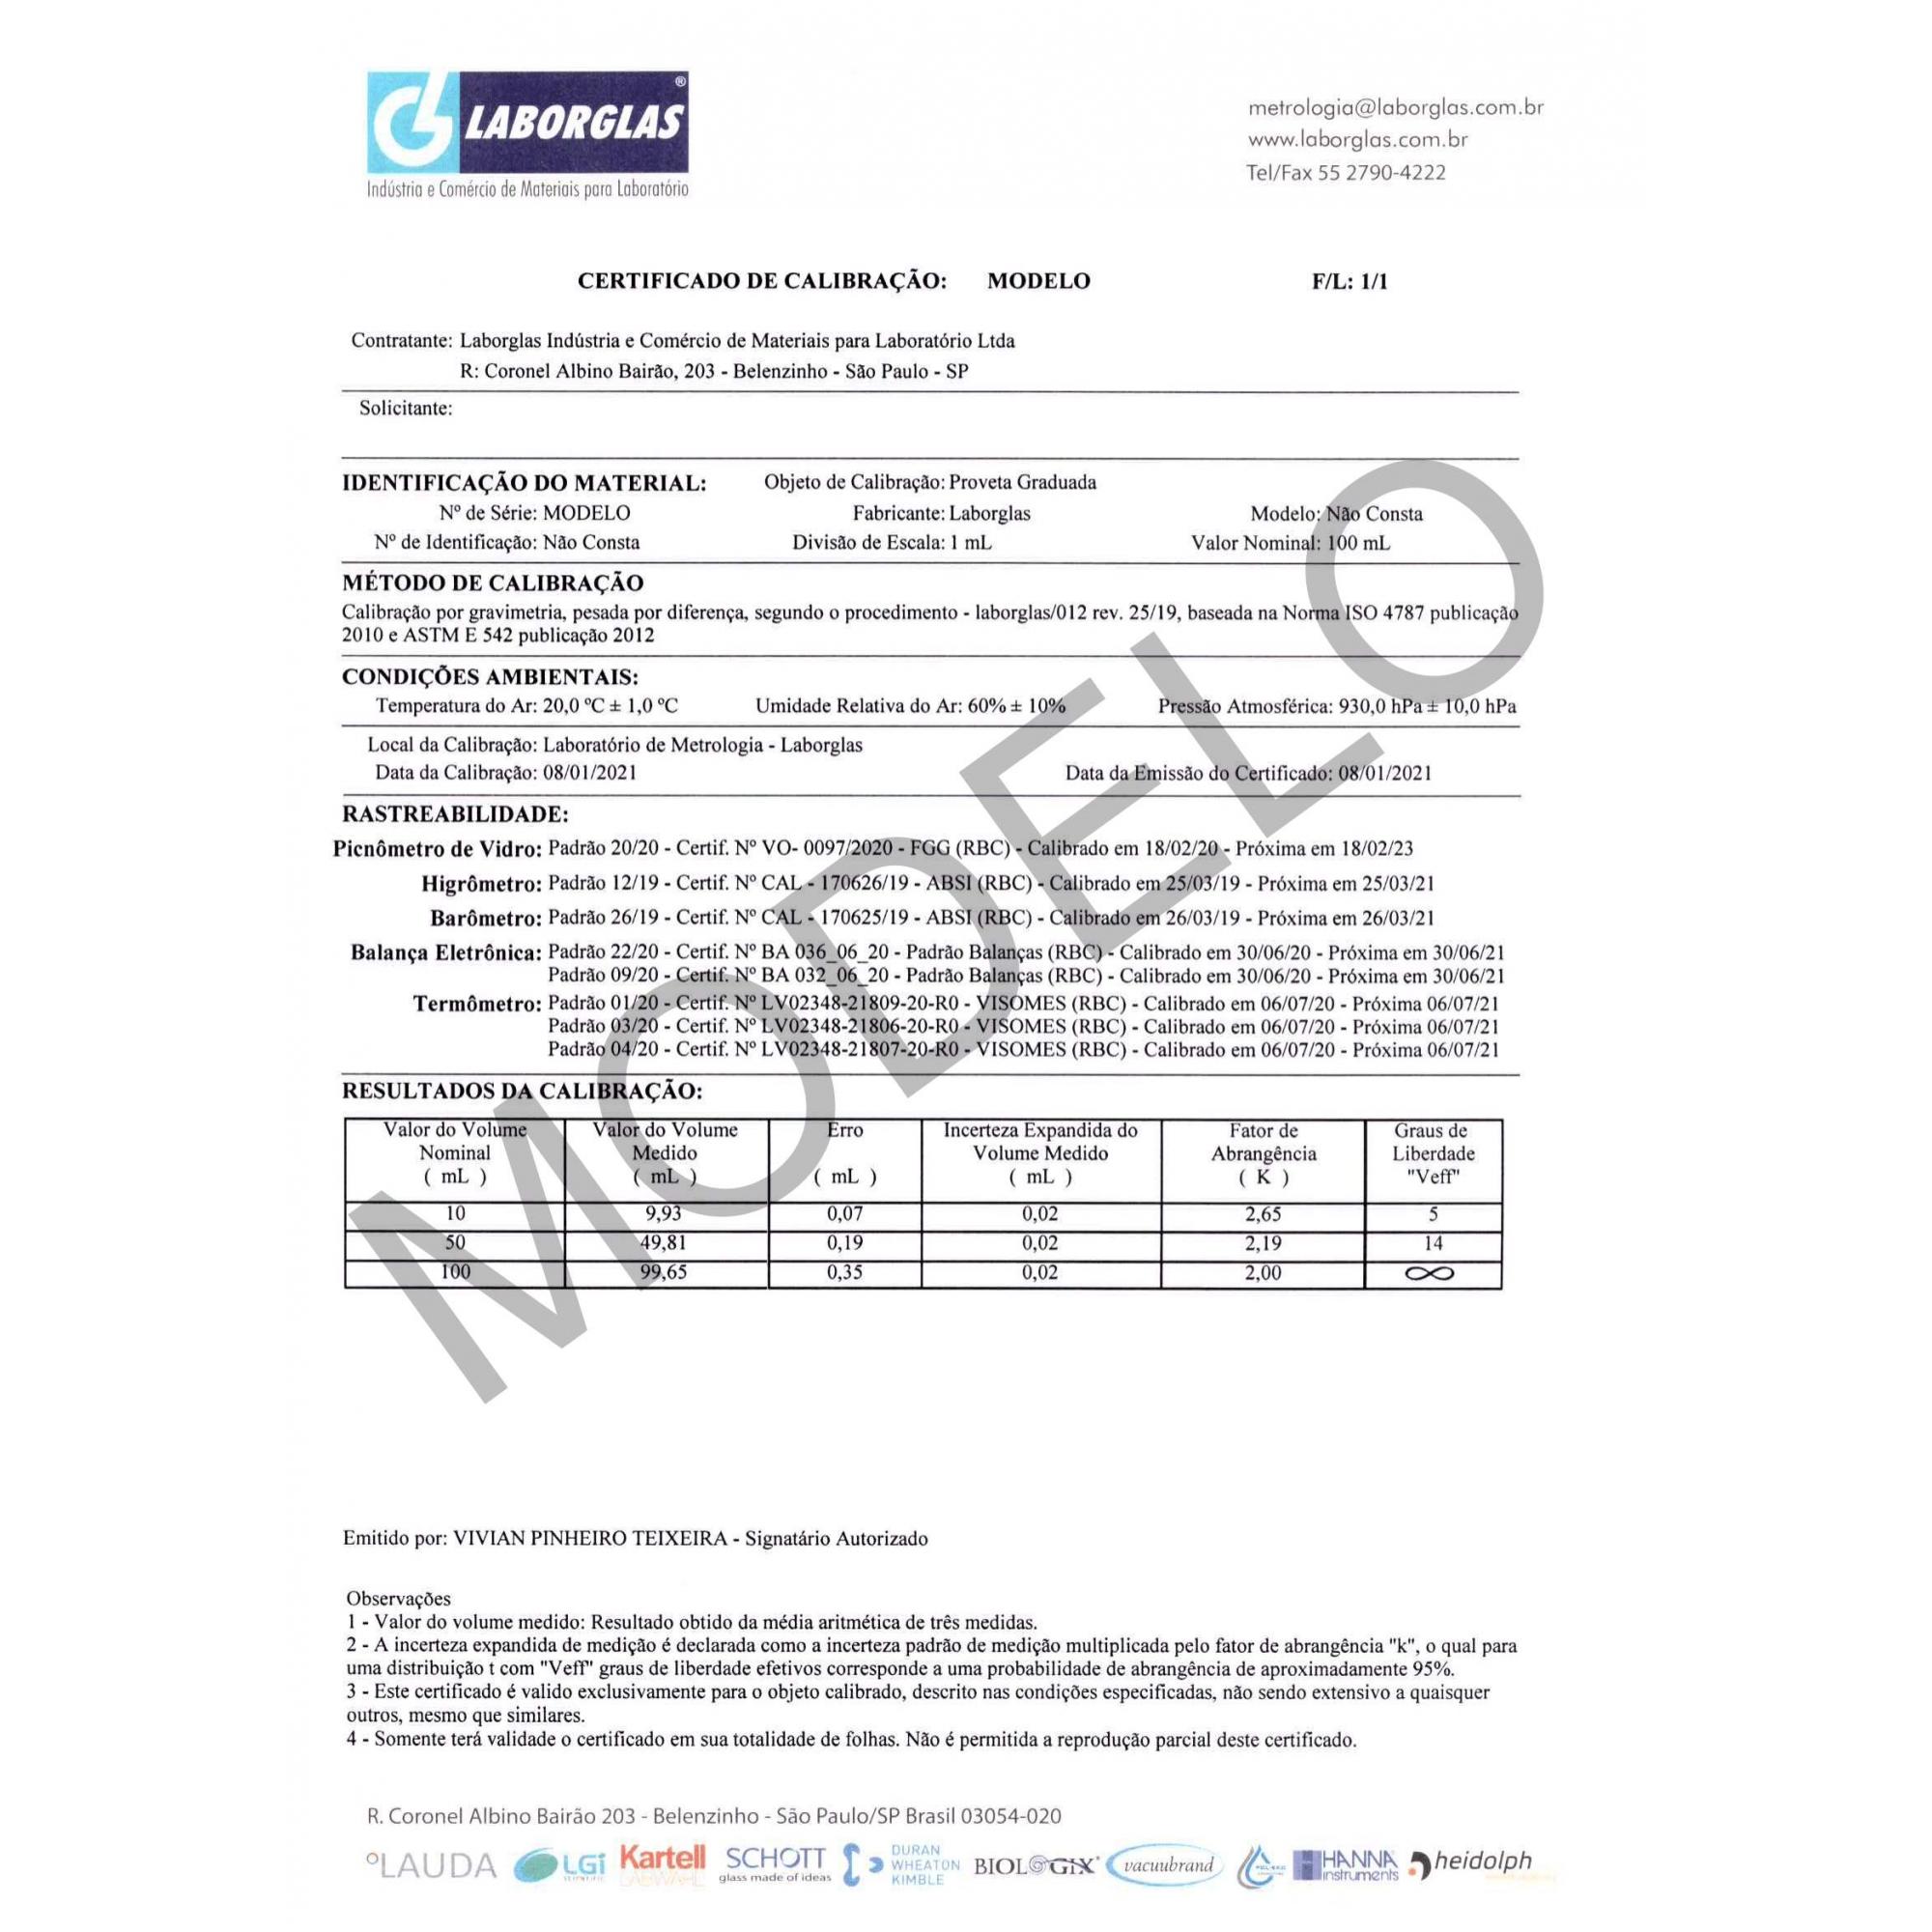 PROVETA GRADUADA BASE HEXAGONAL DE VIDRO 25 ML CERTIFICADO RASTREÁVEL - Laborglas - Cód. 9139614-C